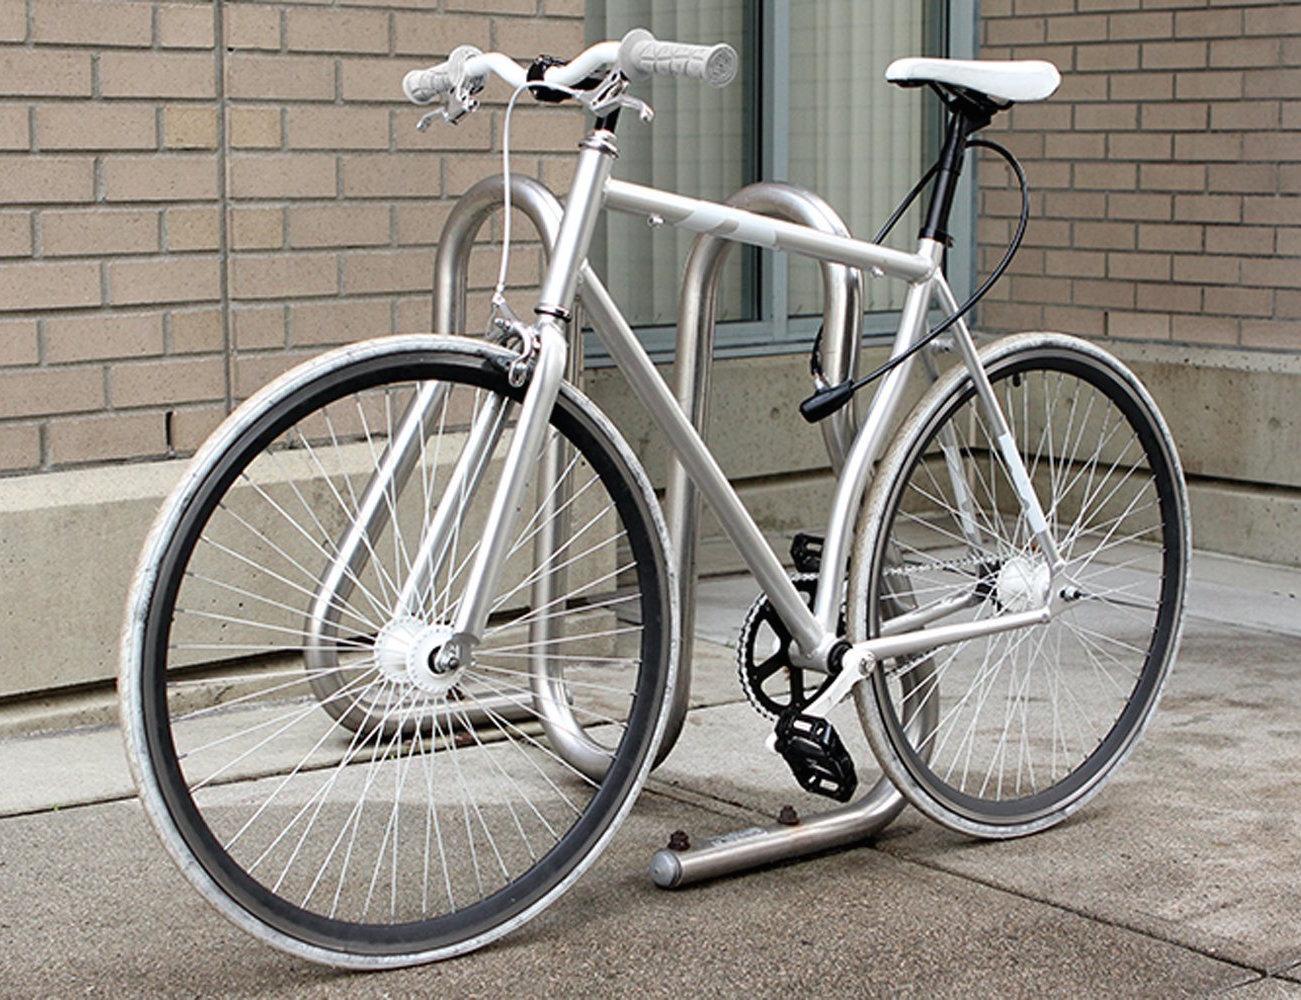 InterLock Crosstown Post Bicycle Lock